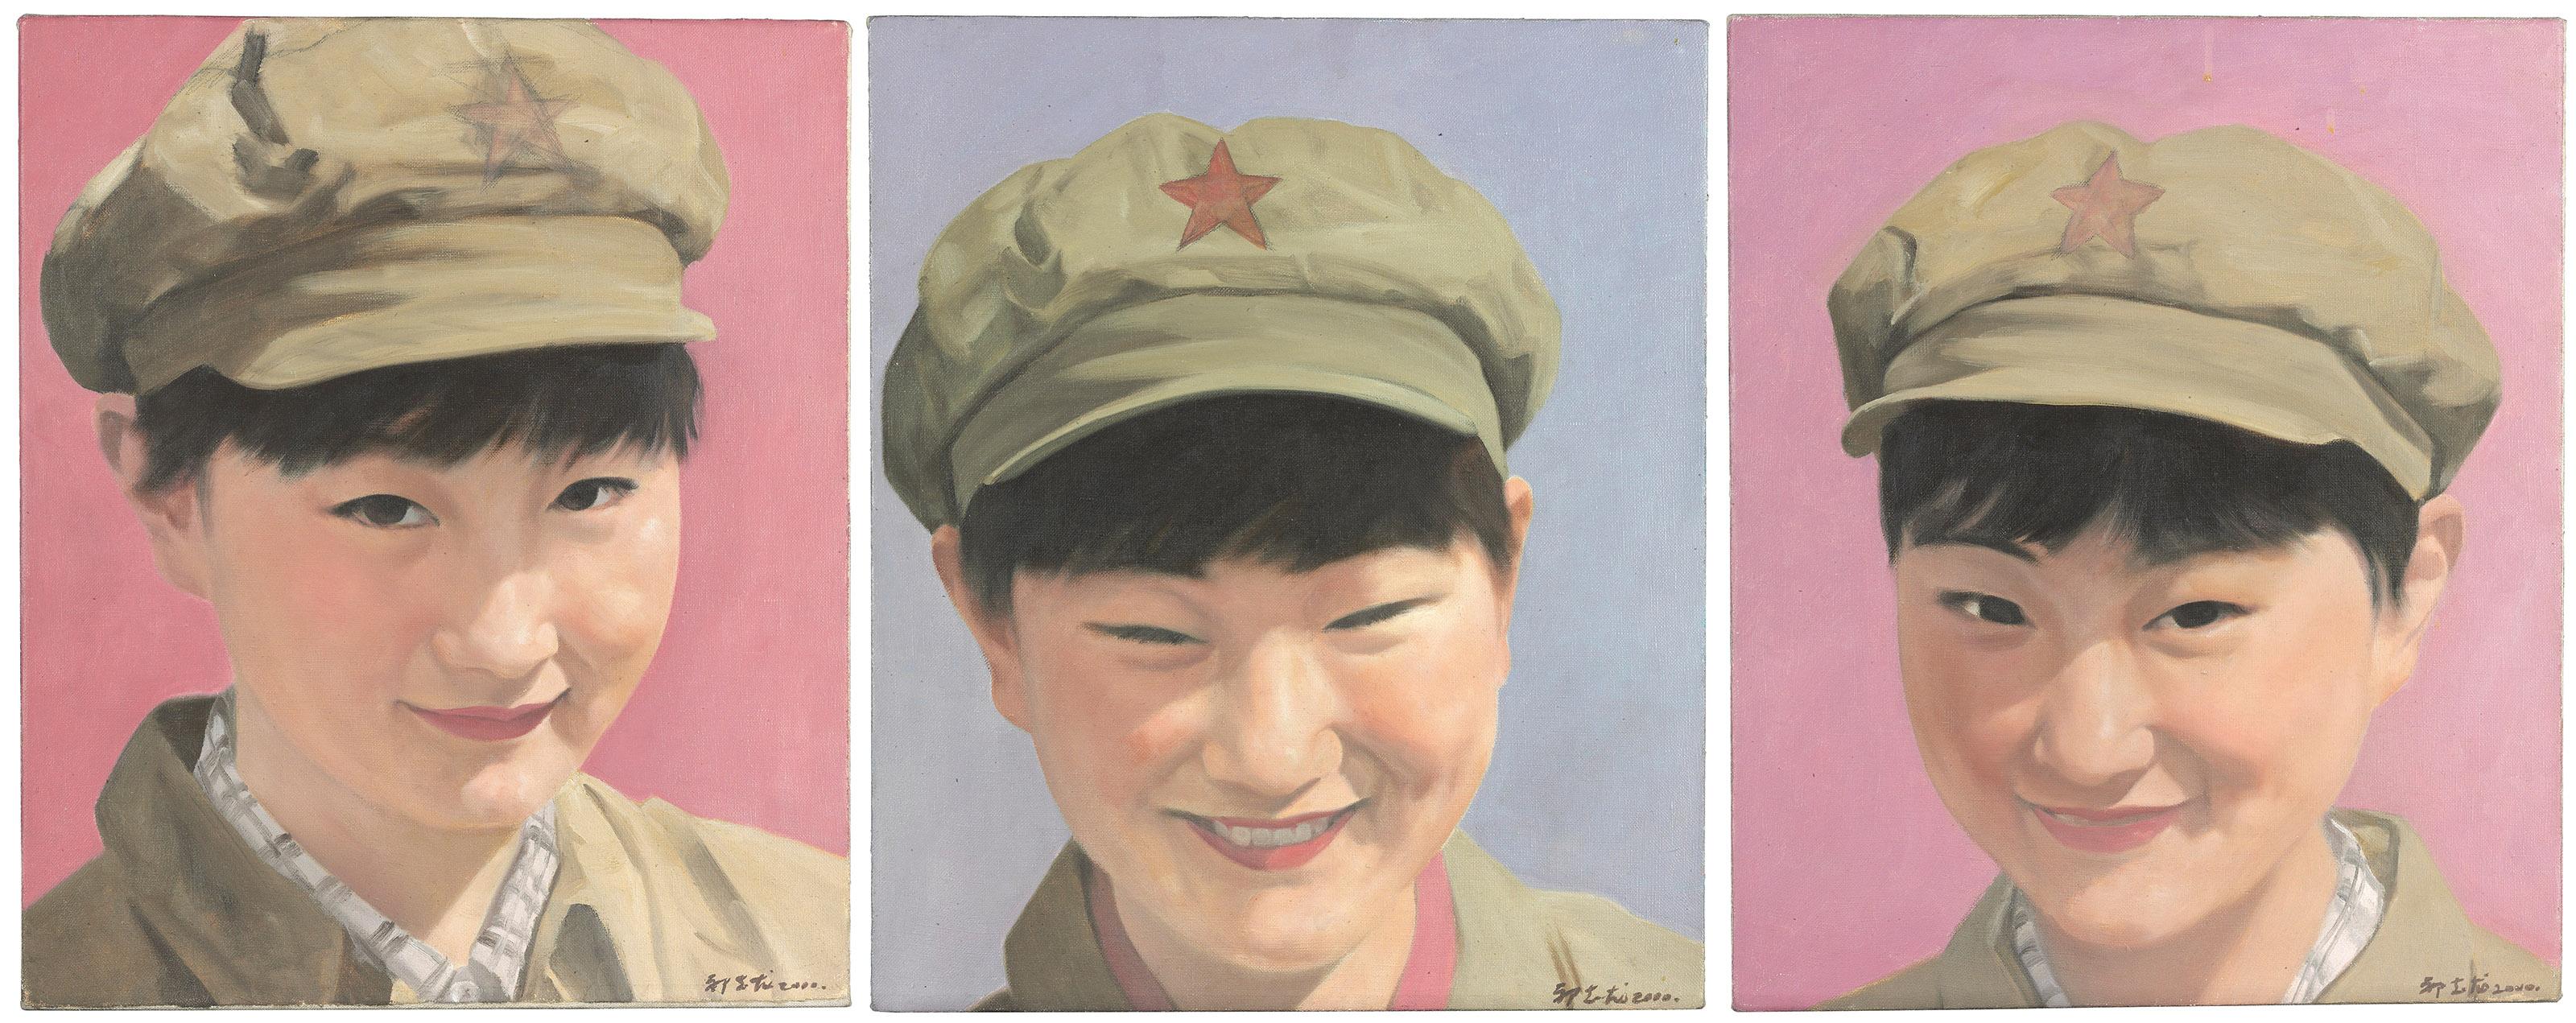 QI ZHILONG (CHINA, B. 1962)